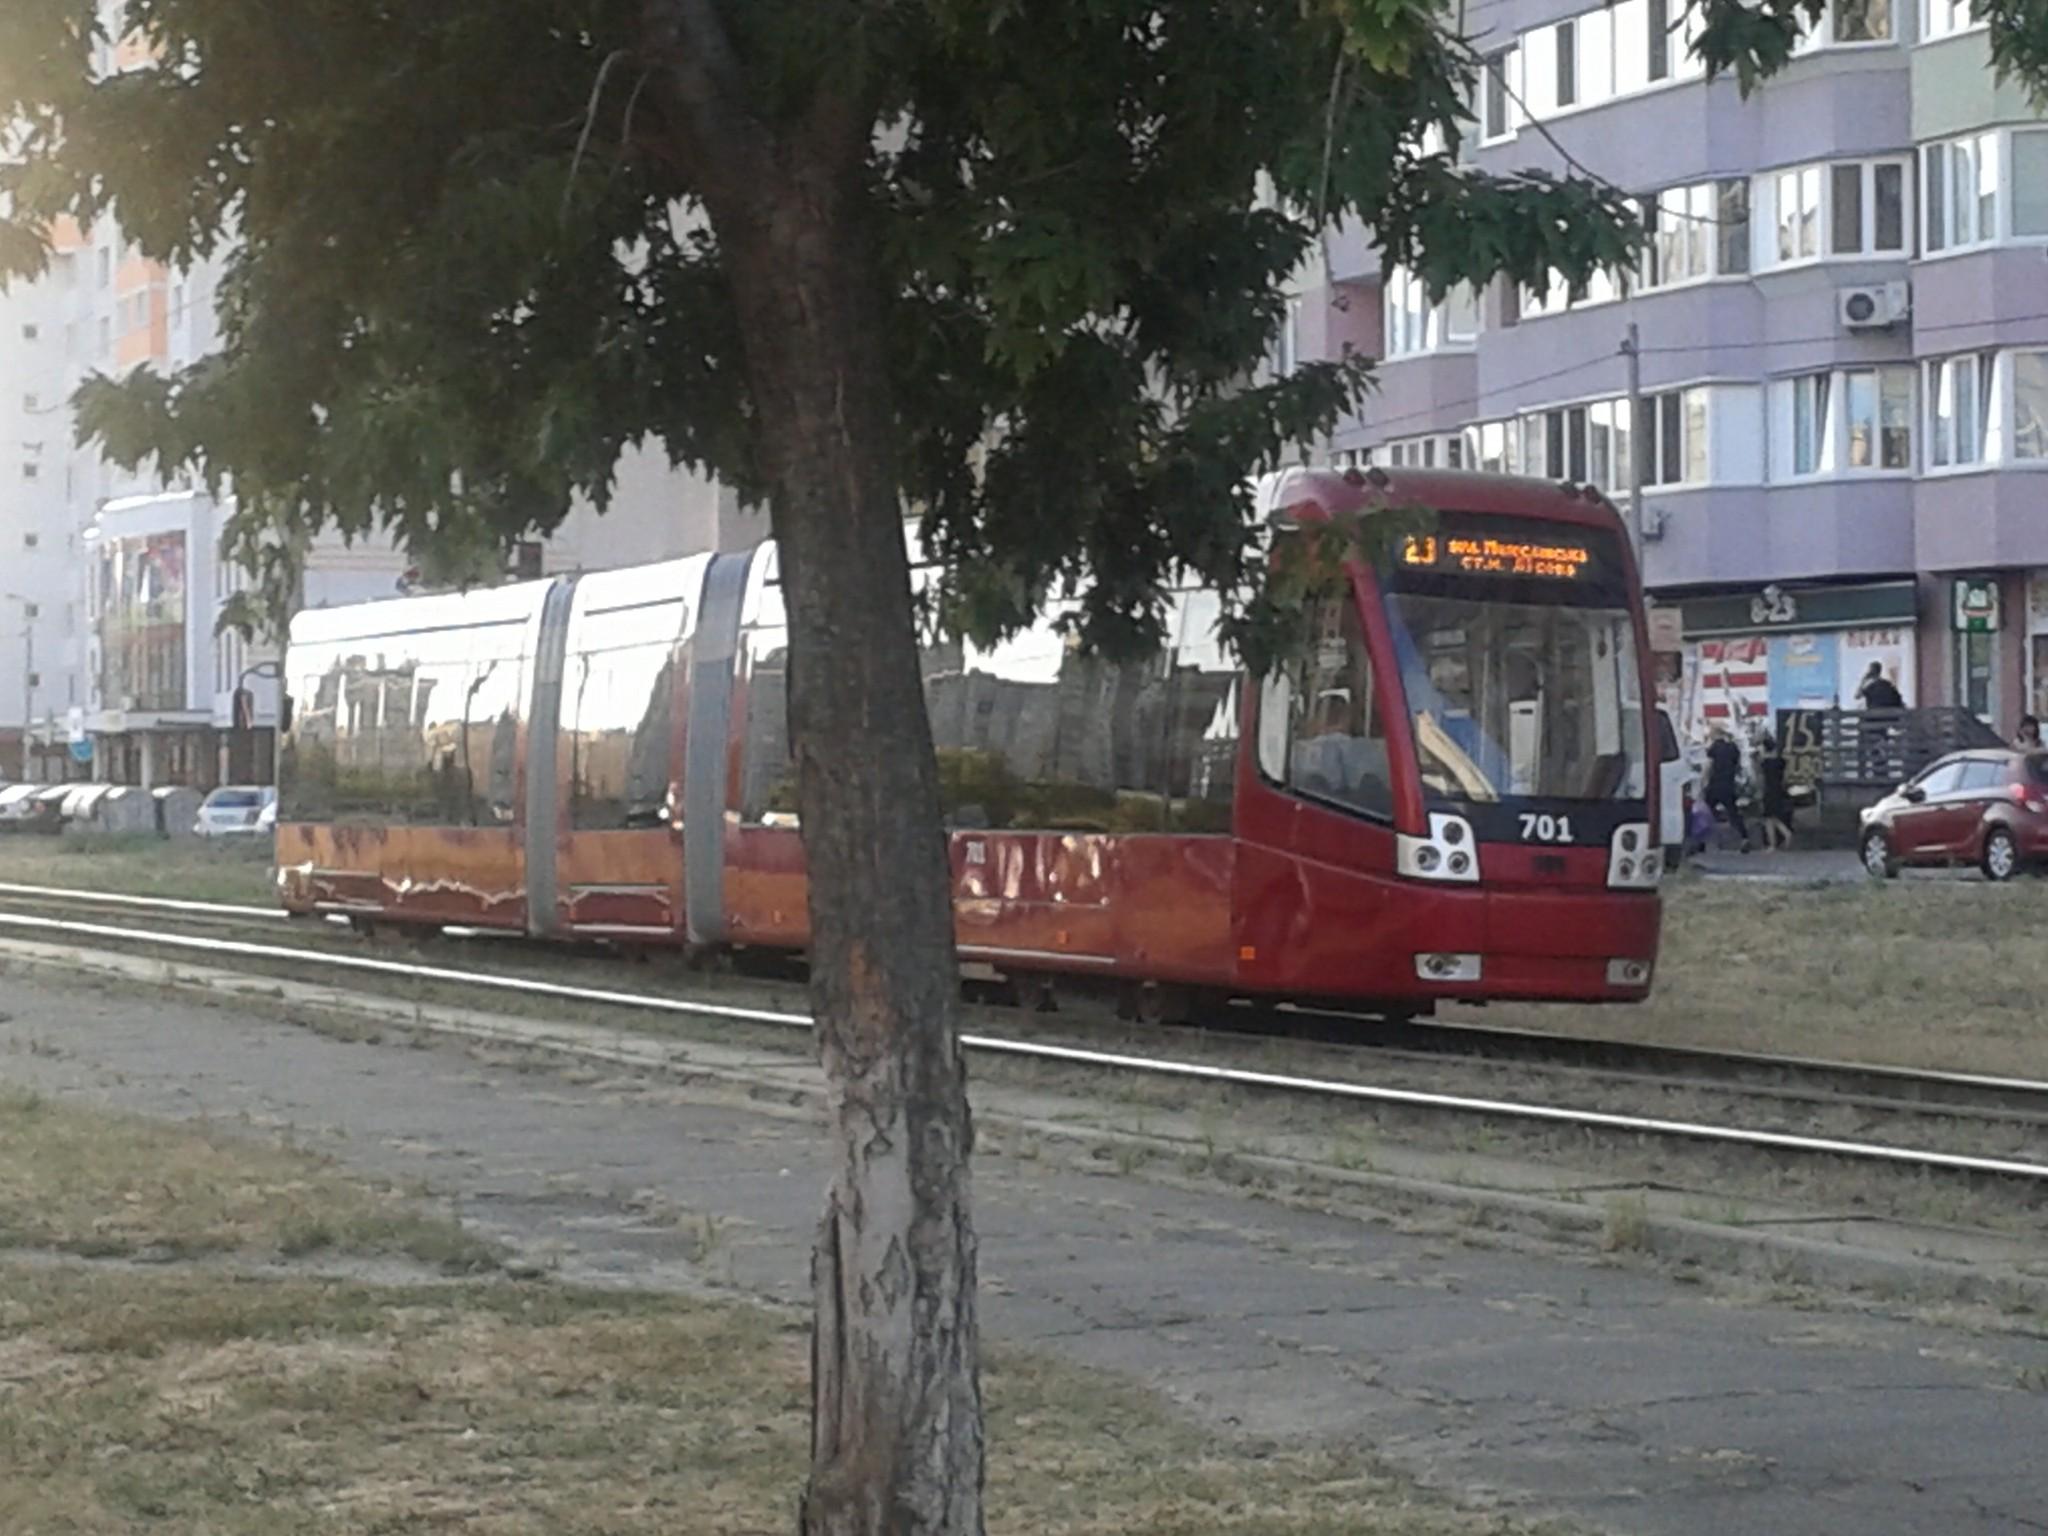 Новый трамвай украинского производства передадут Киеву на тестирование - Цензор.НЕТ 9466